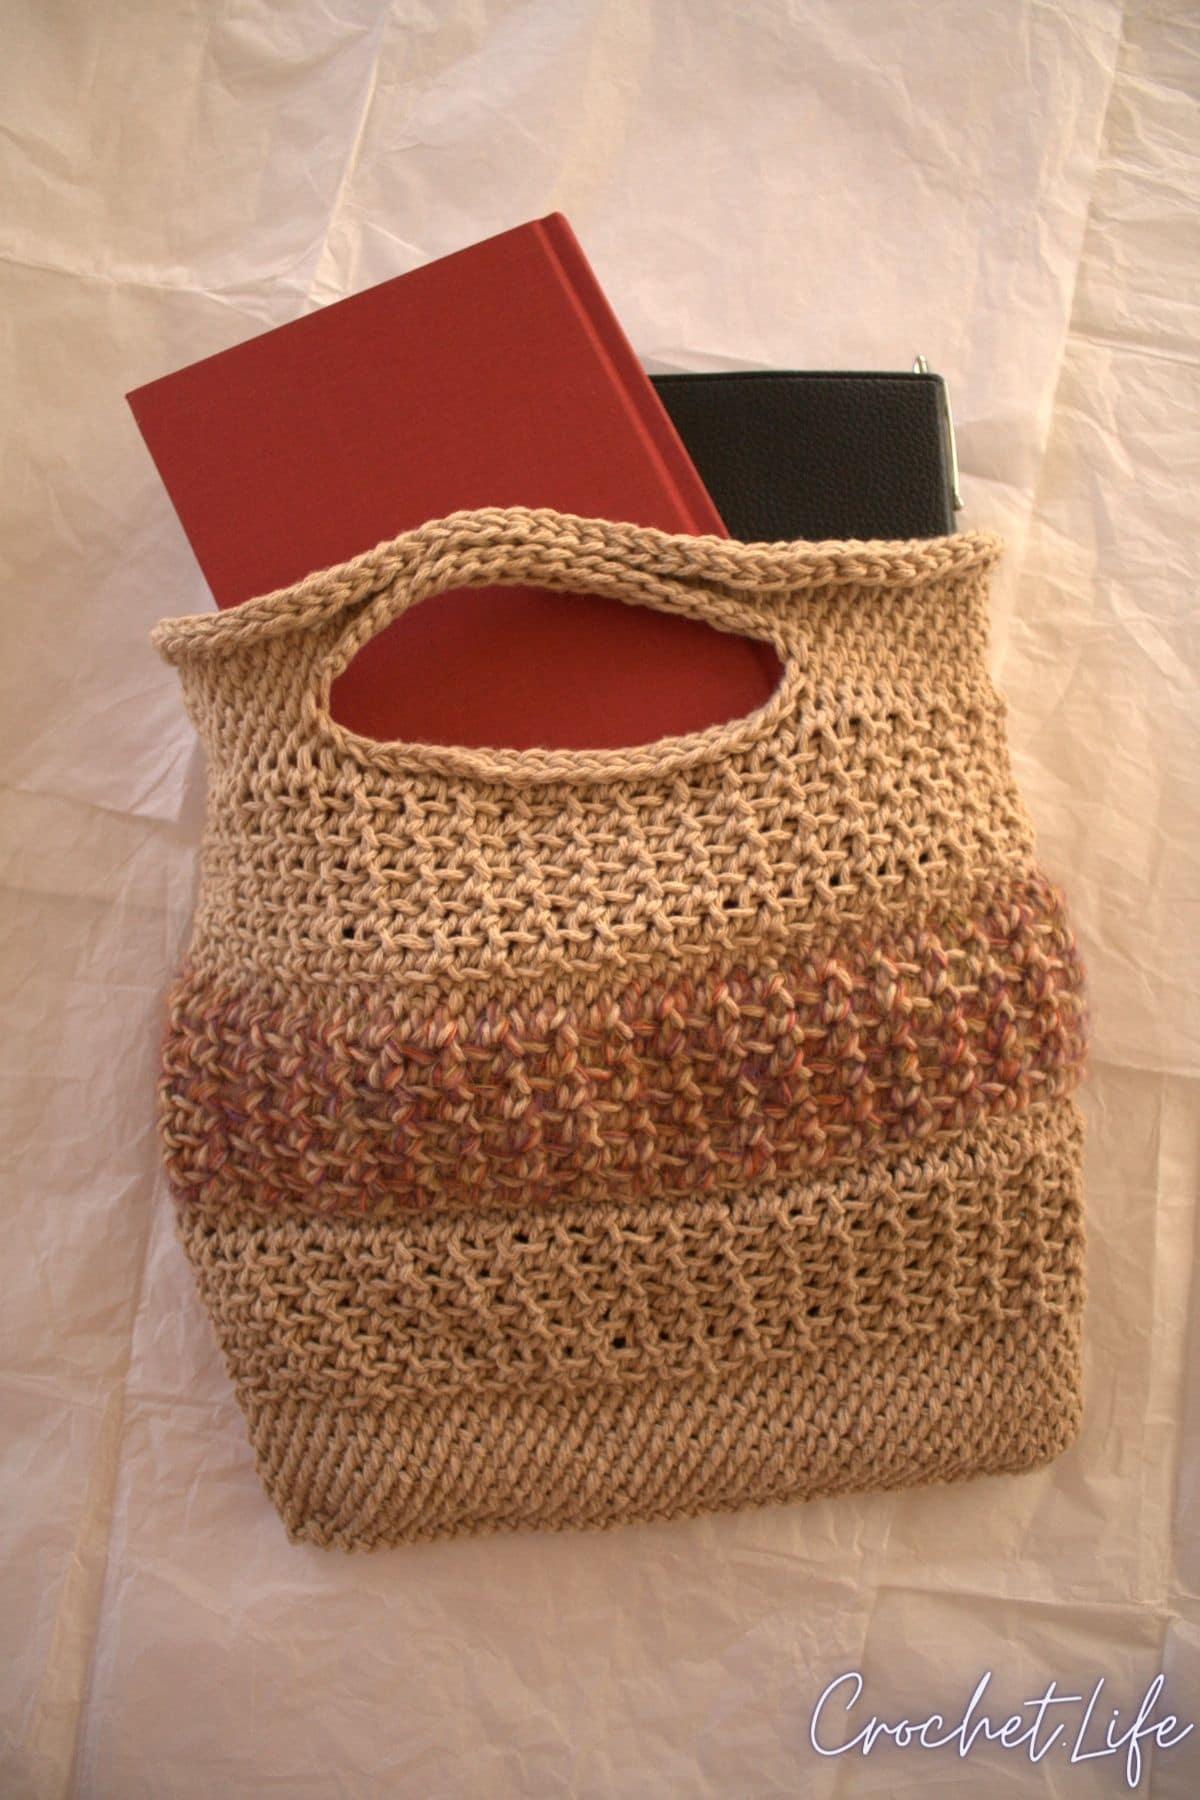 Bag holding tablet